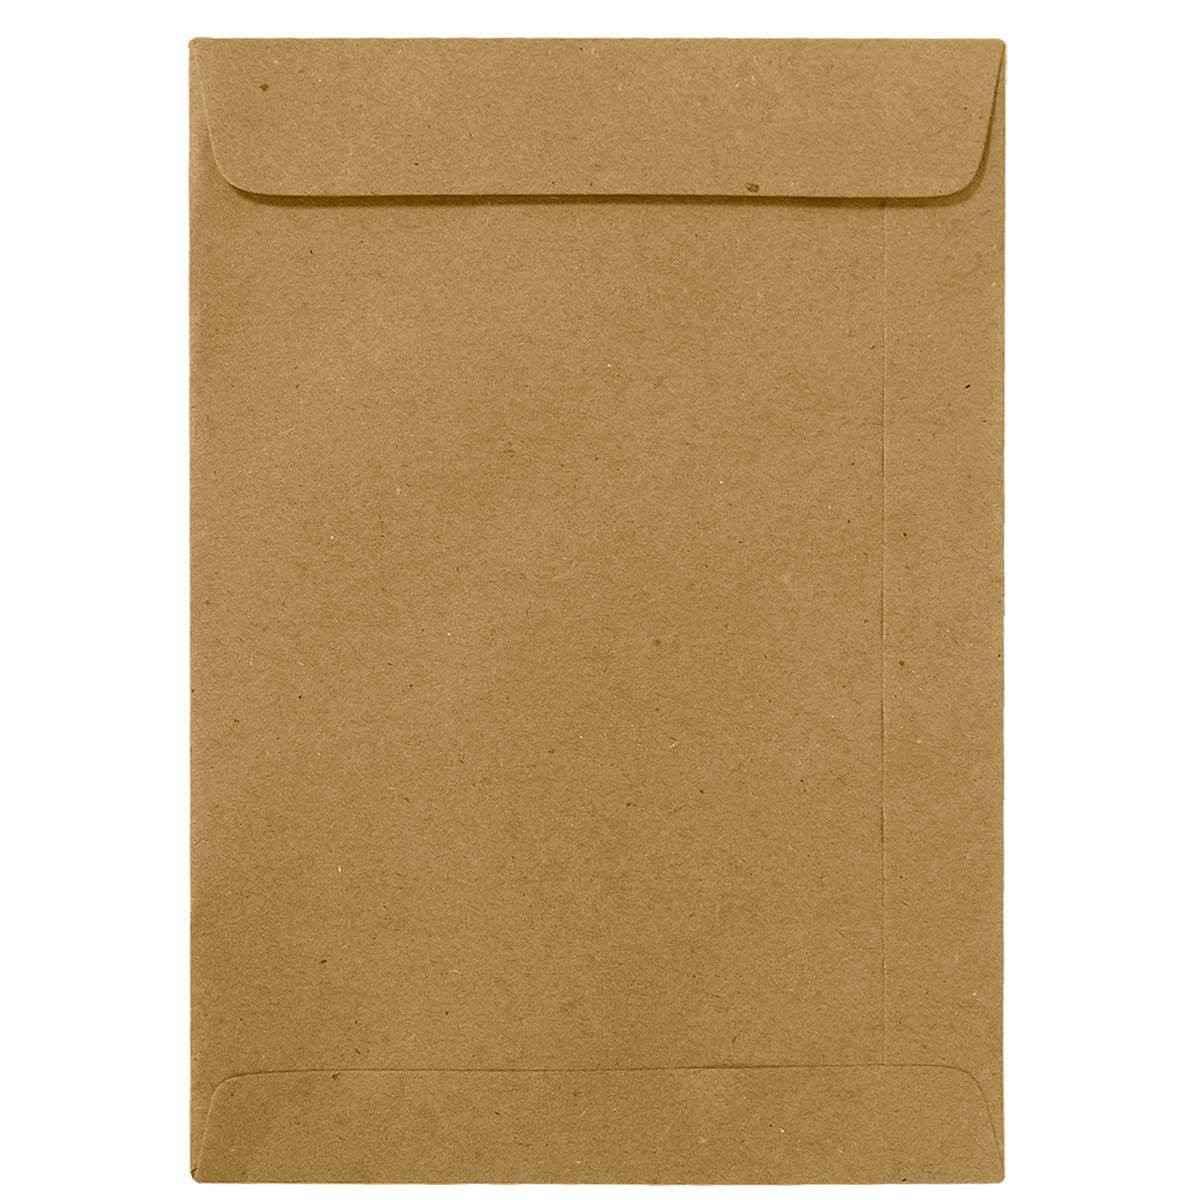 Envelope caixa